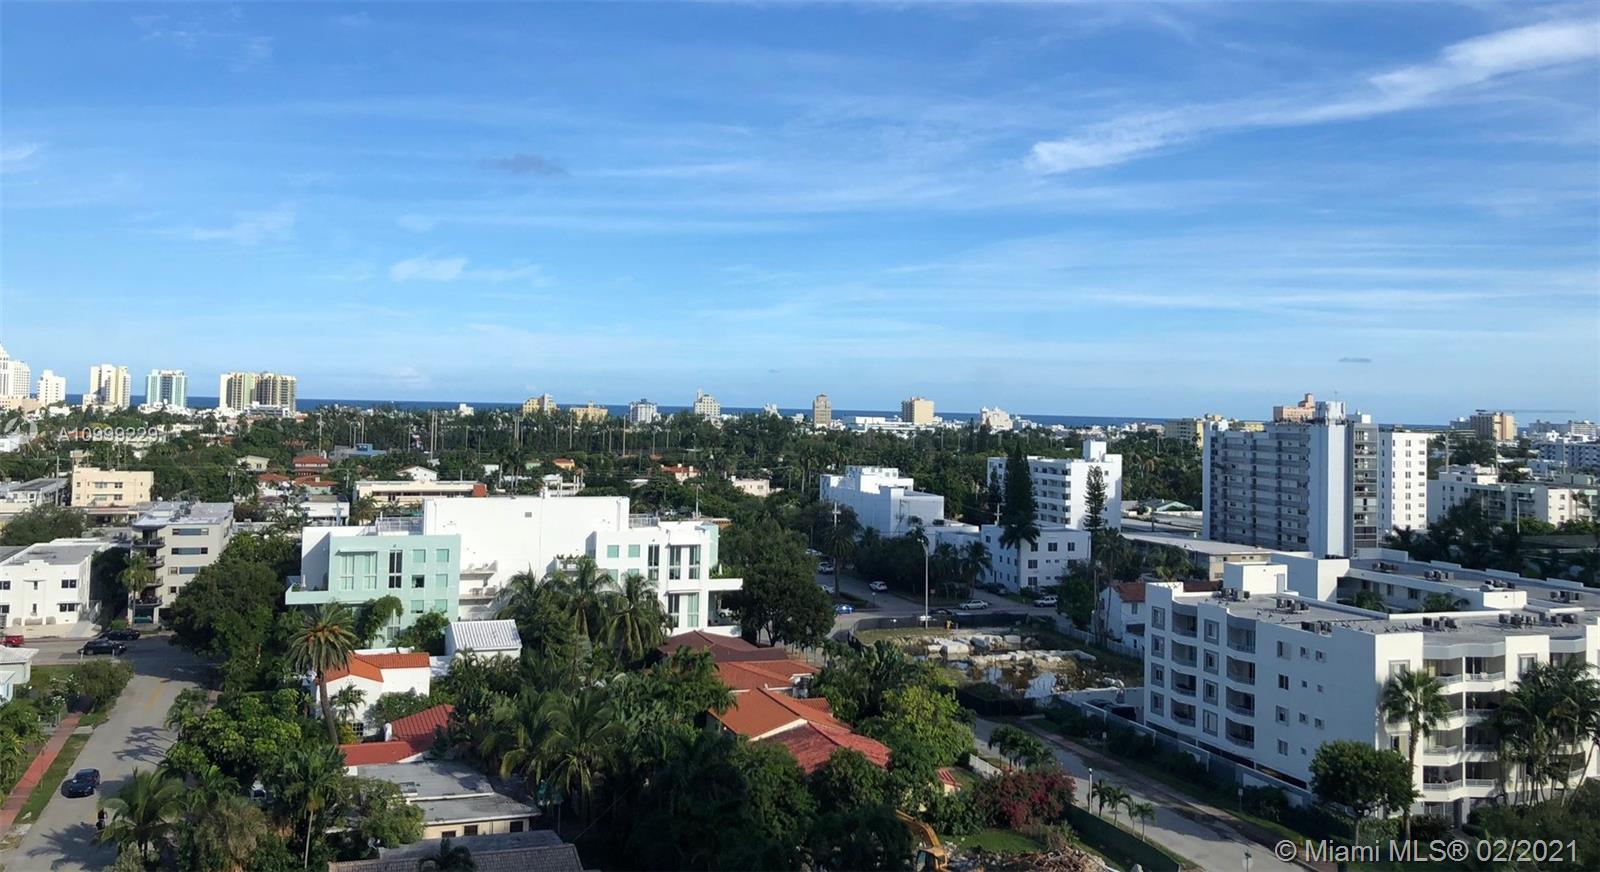 Flamingo South Beach #1184S - 1500 Bay Rd #1184S, Miami Beach, FL 33139